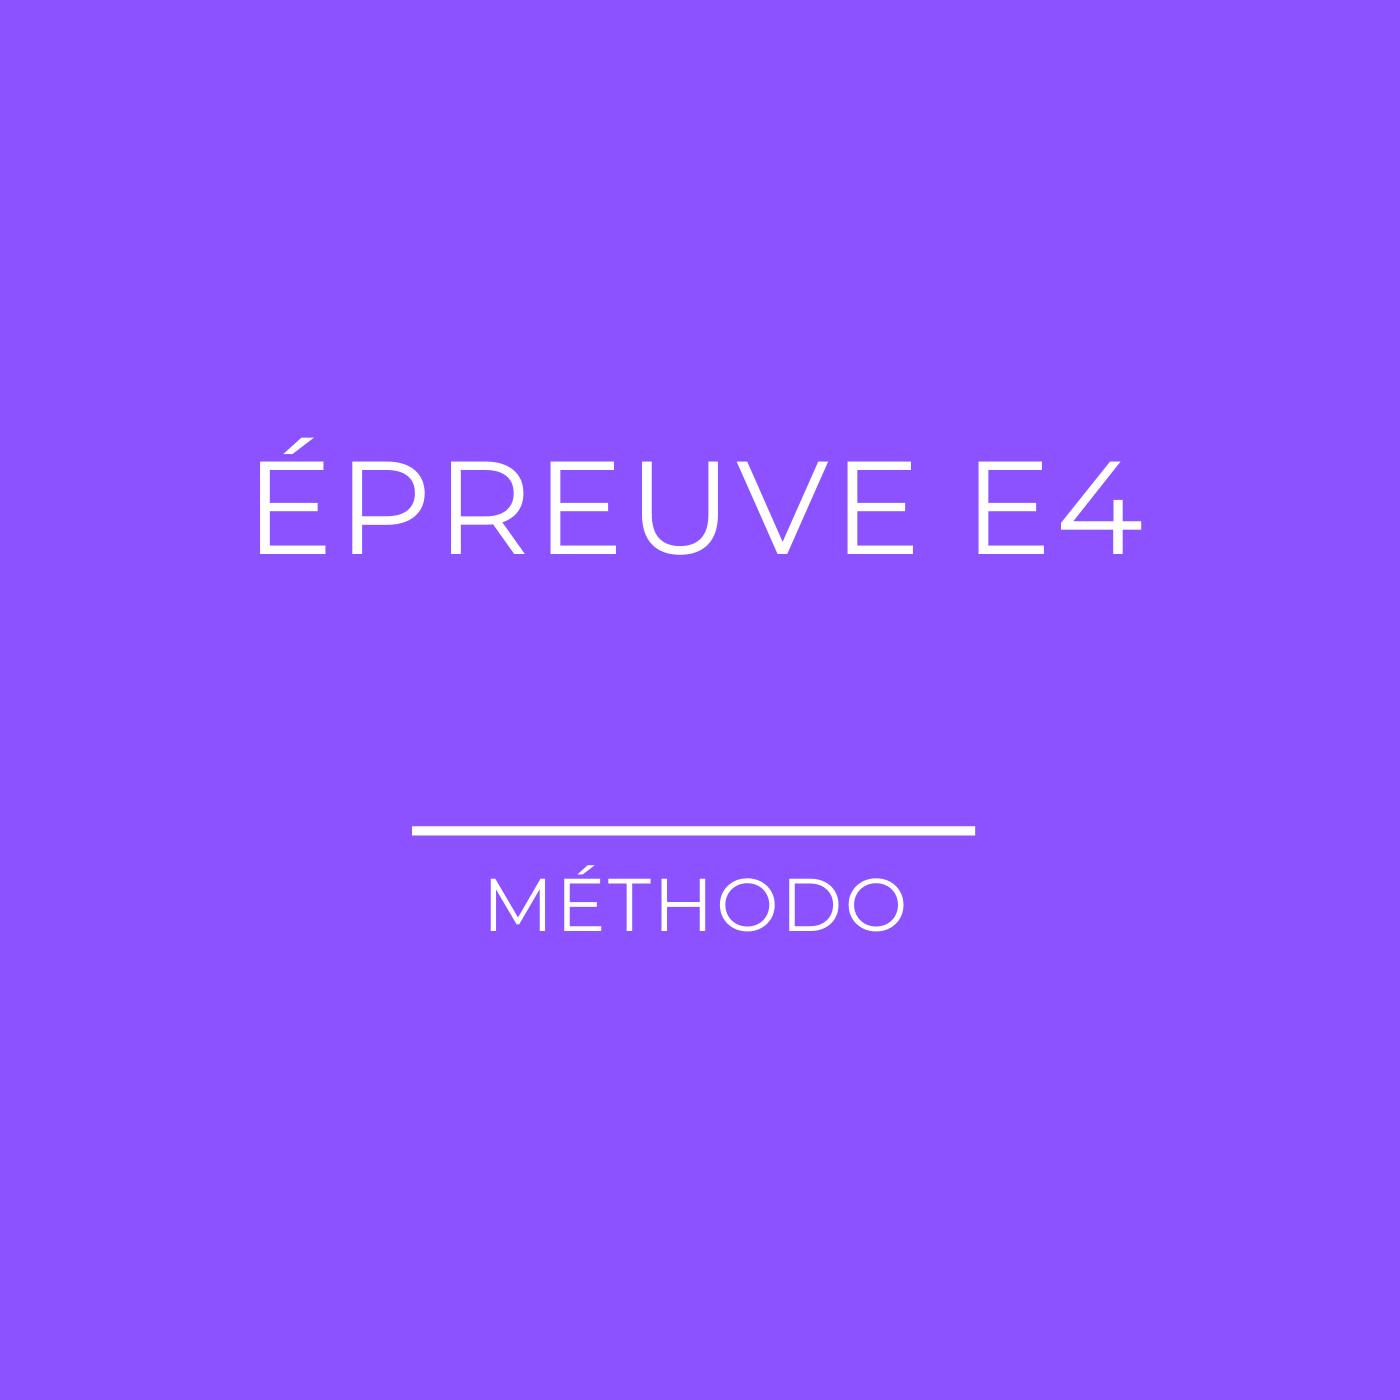 Epreuve E4 du BTS COM : la méthodologie complète